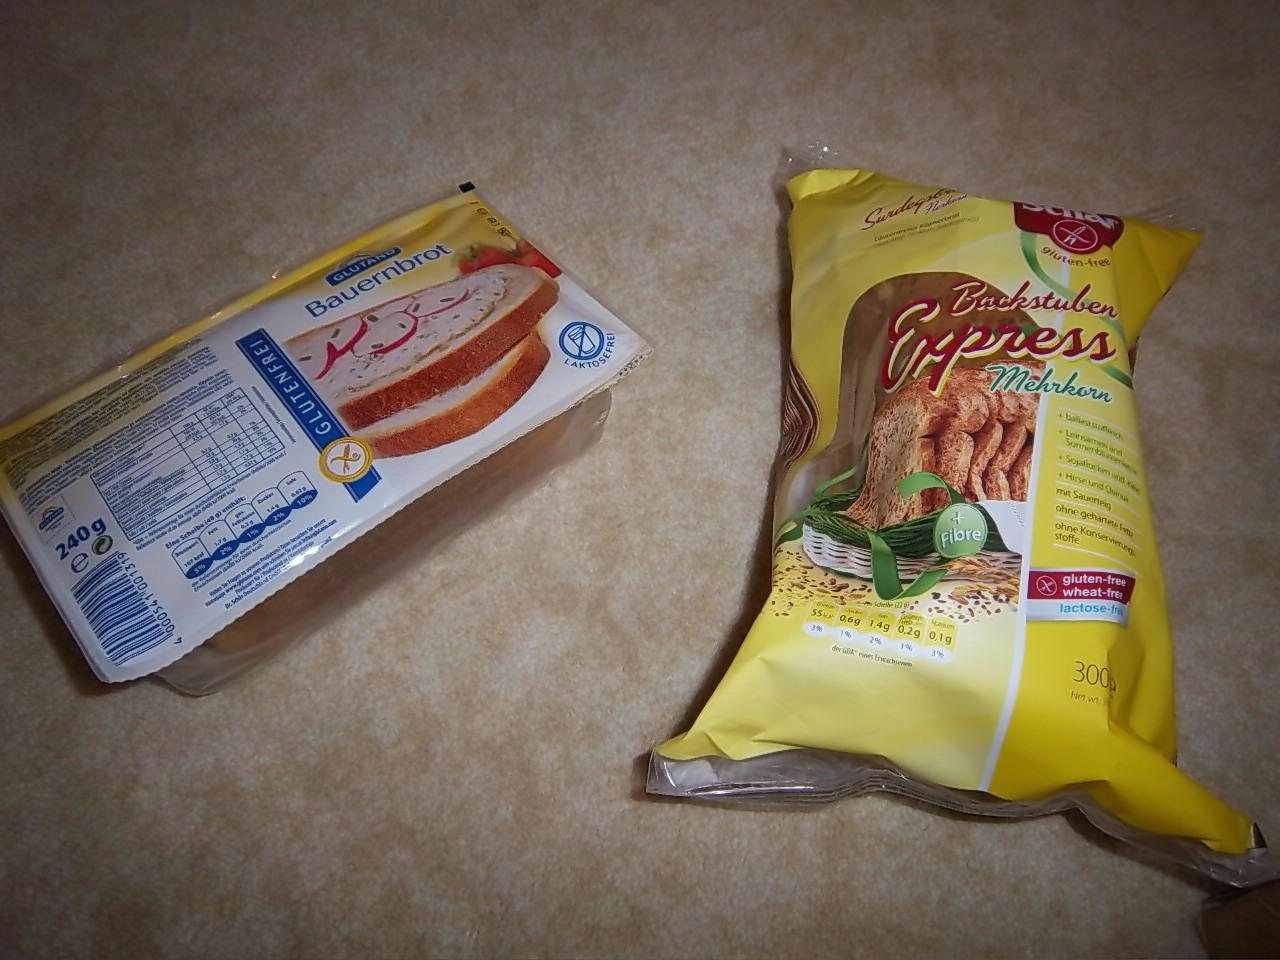 bauchschmerzen appetitlosigkeit müdigkeit